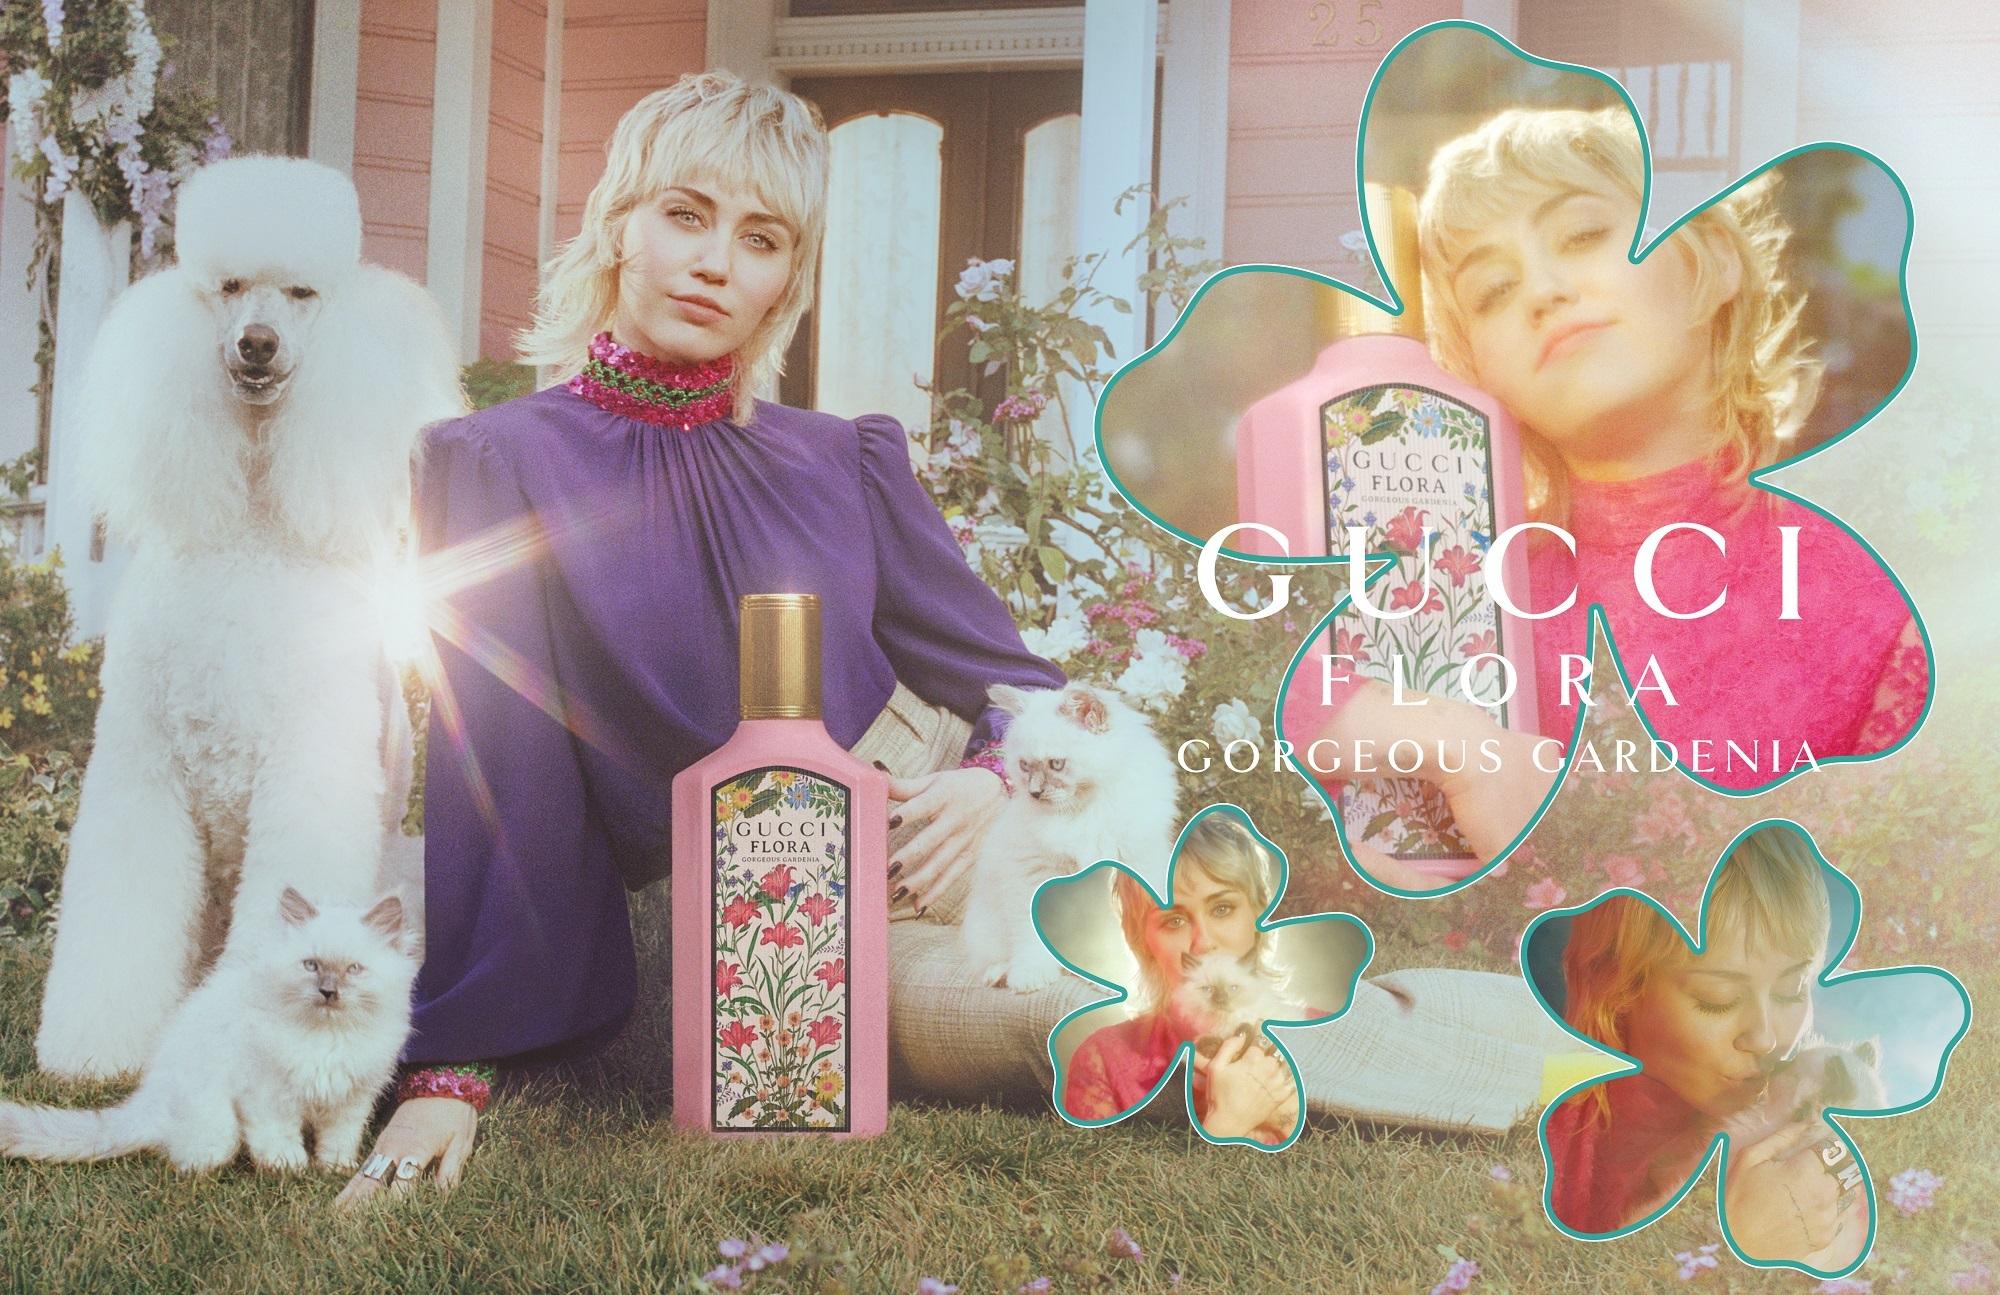 Gucci Flora Gorgeous Gardenia EdP opinie i kampania